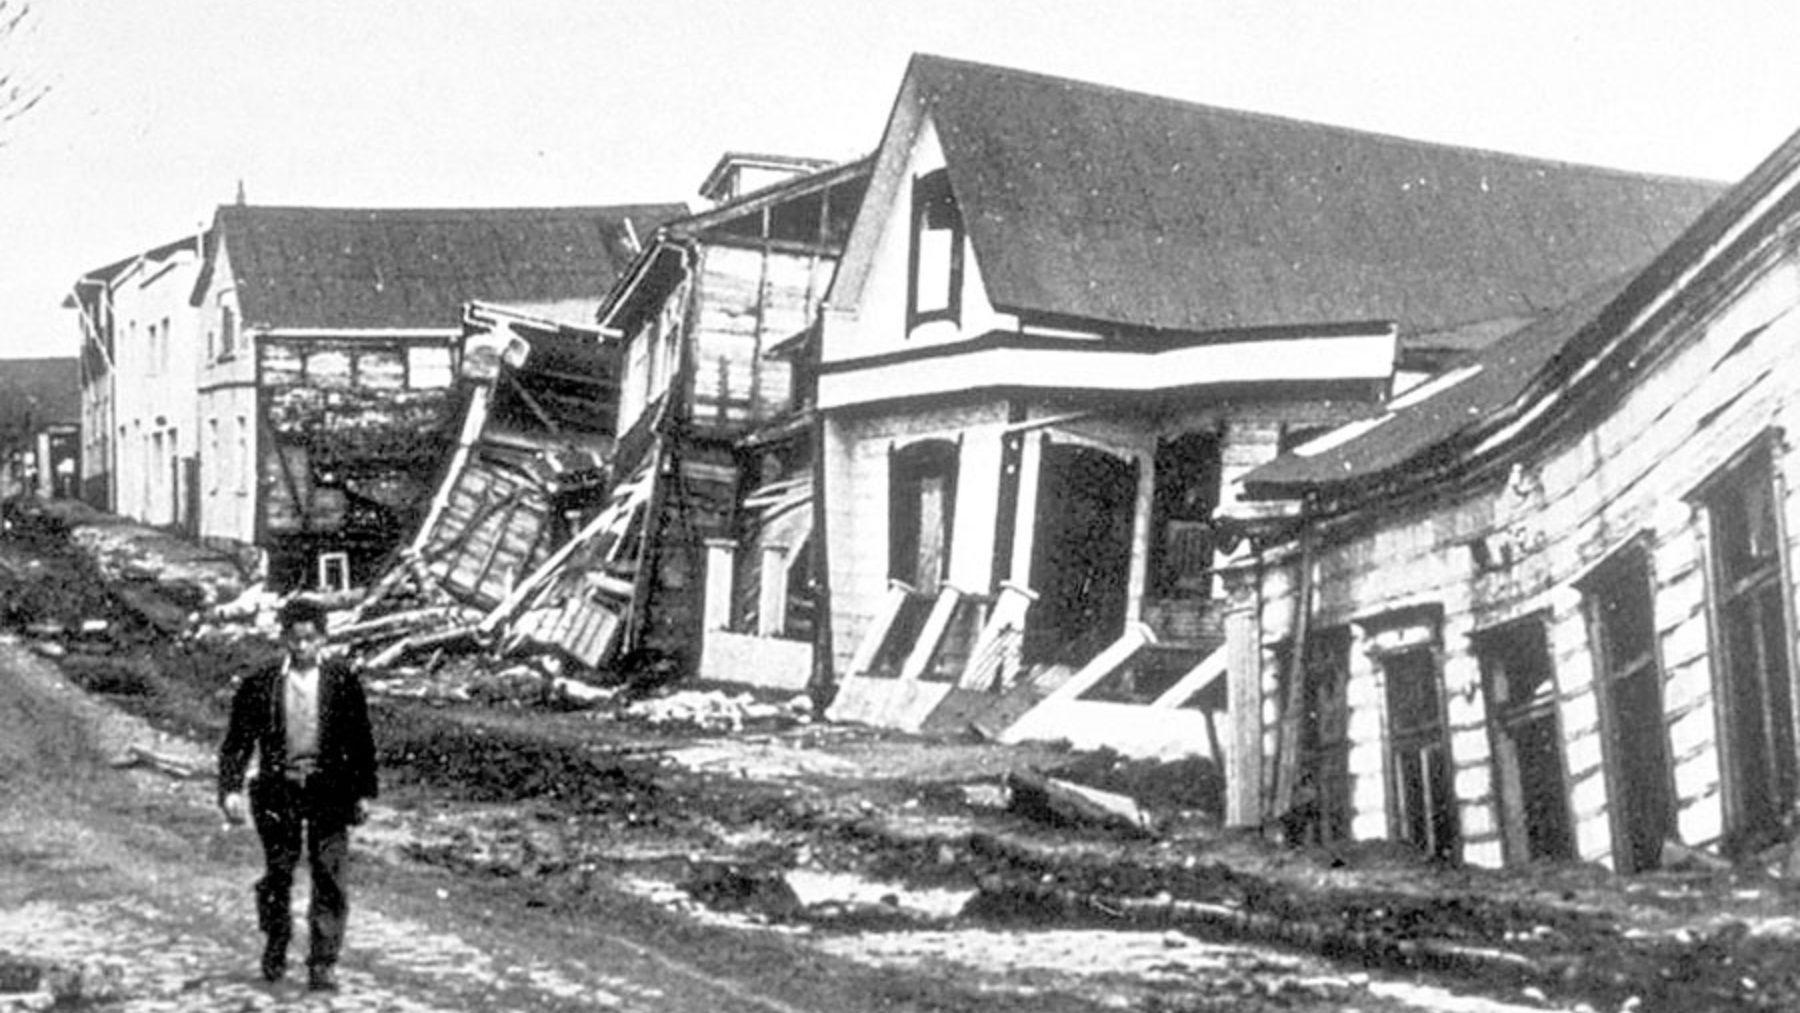 El terremoto de Valdivia en Chile